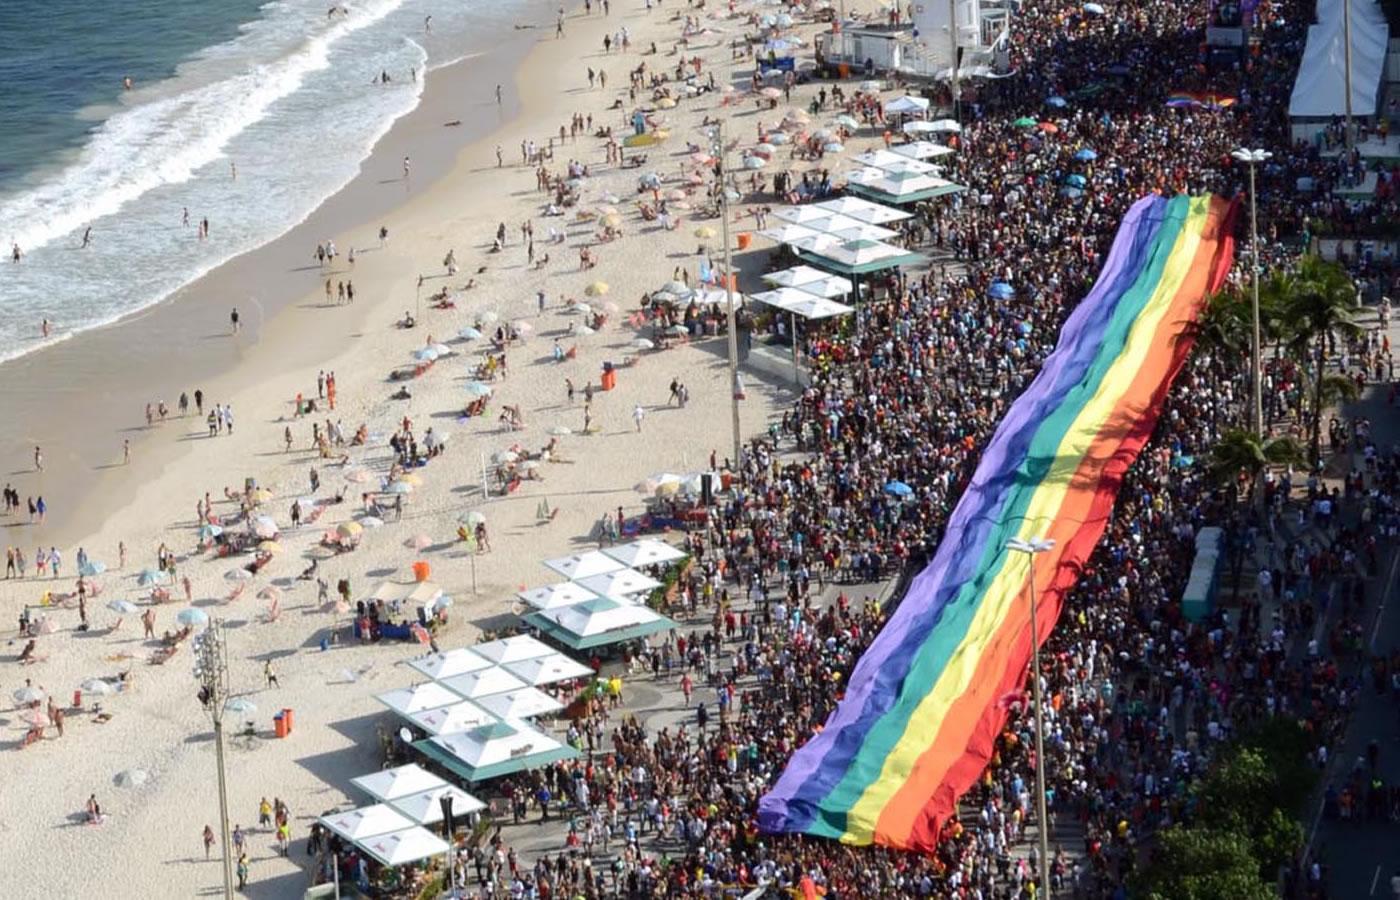 Grupo Arco-Íris divulga data da Parada do Orgulho LGBT do Rio de Janeiro